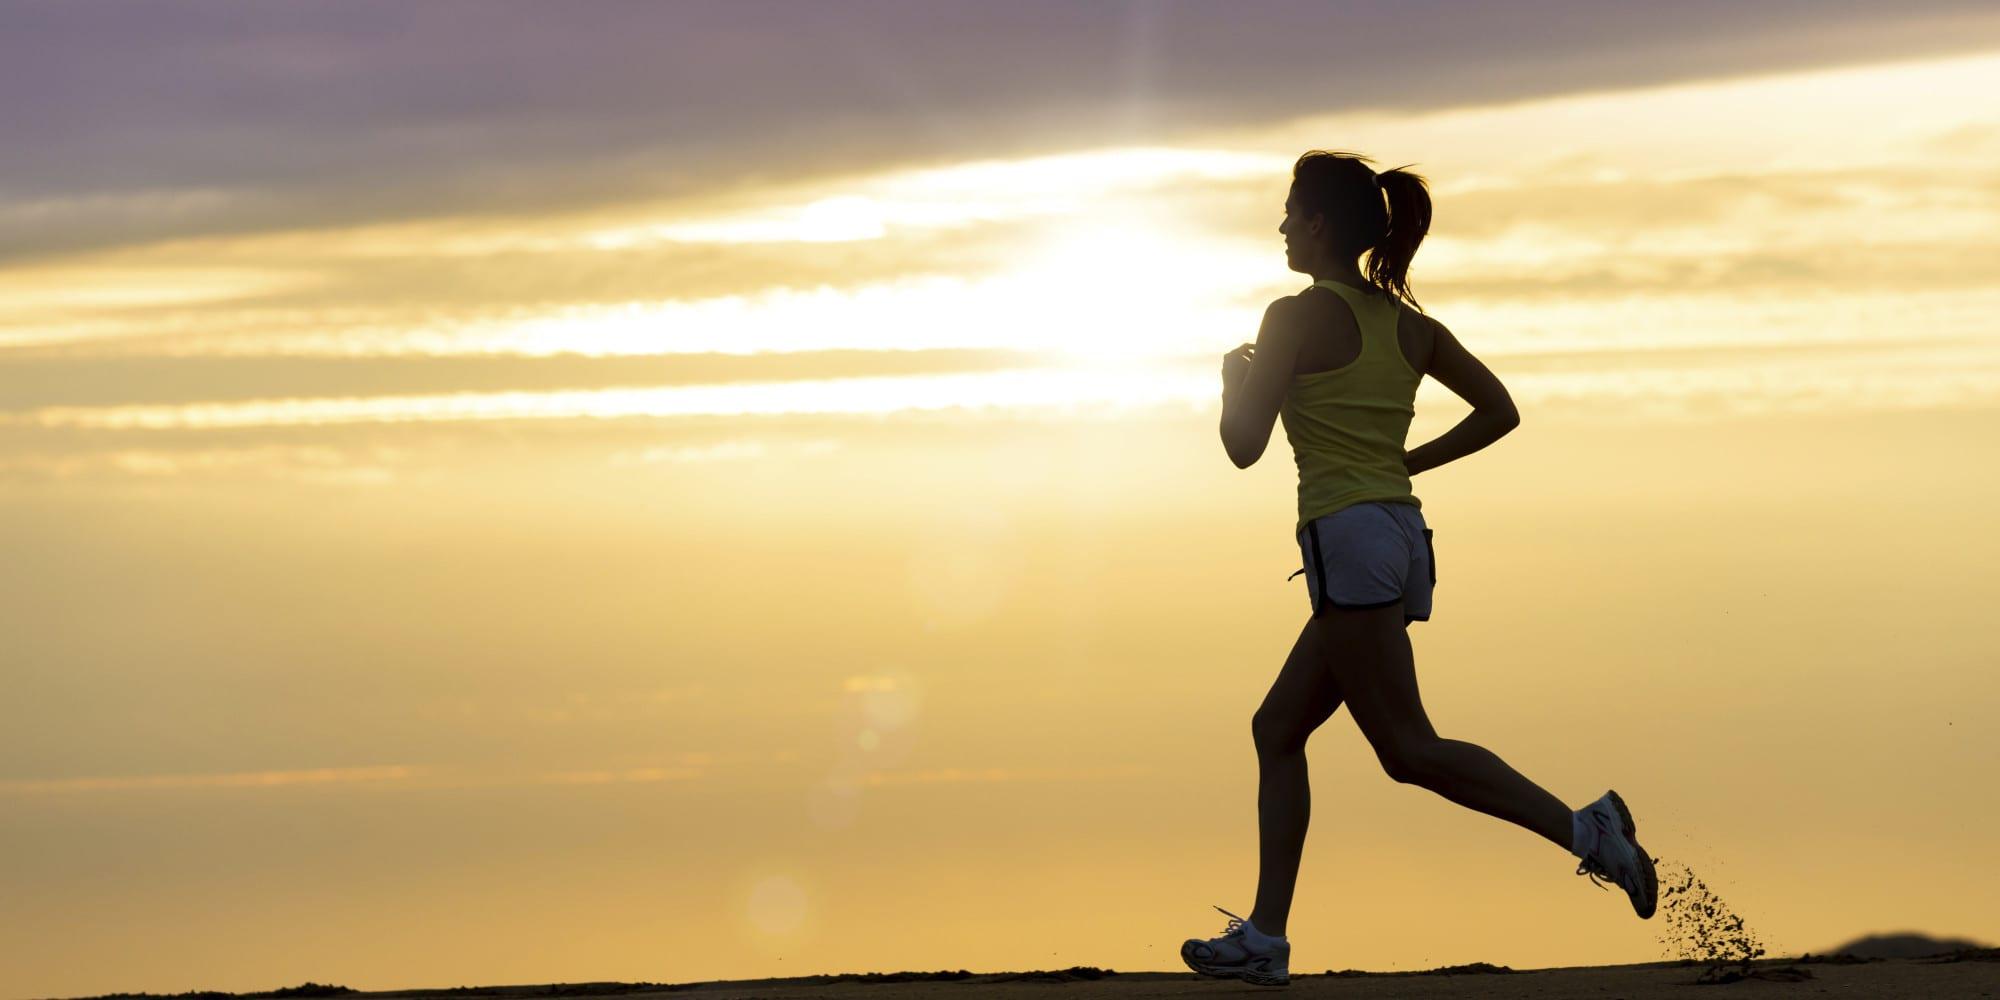 correr para emgrecer